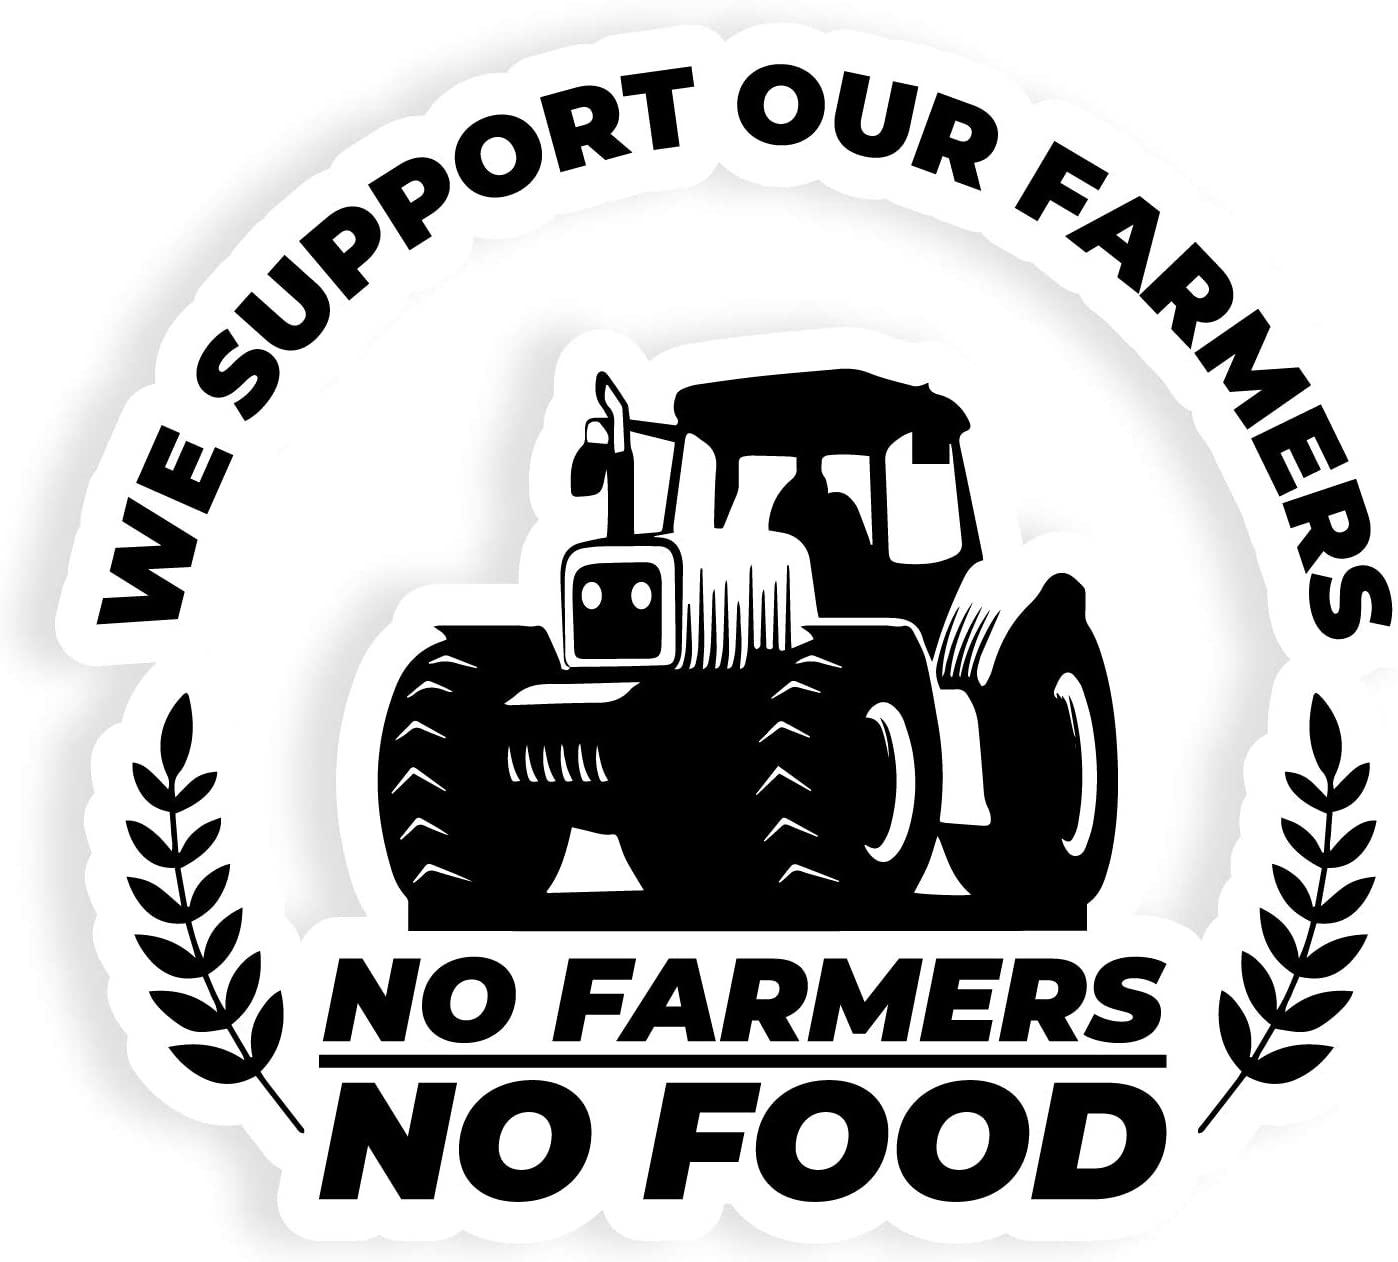 Gói 1398x1262 Không có nông dân Không có miếng dán thực phẩm 10 7 inch để sử dụng trên gương soi thân xe ô tô Máy tính xách tay Mọi bề mặt kim loại: Nhà bếp và phòng ăn